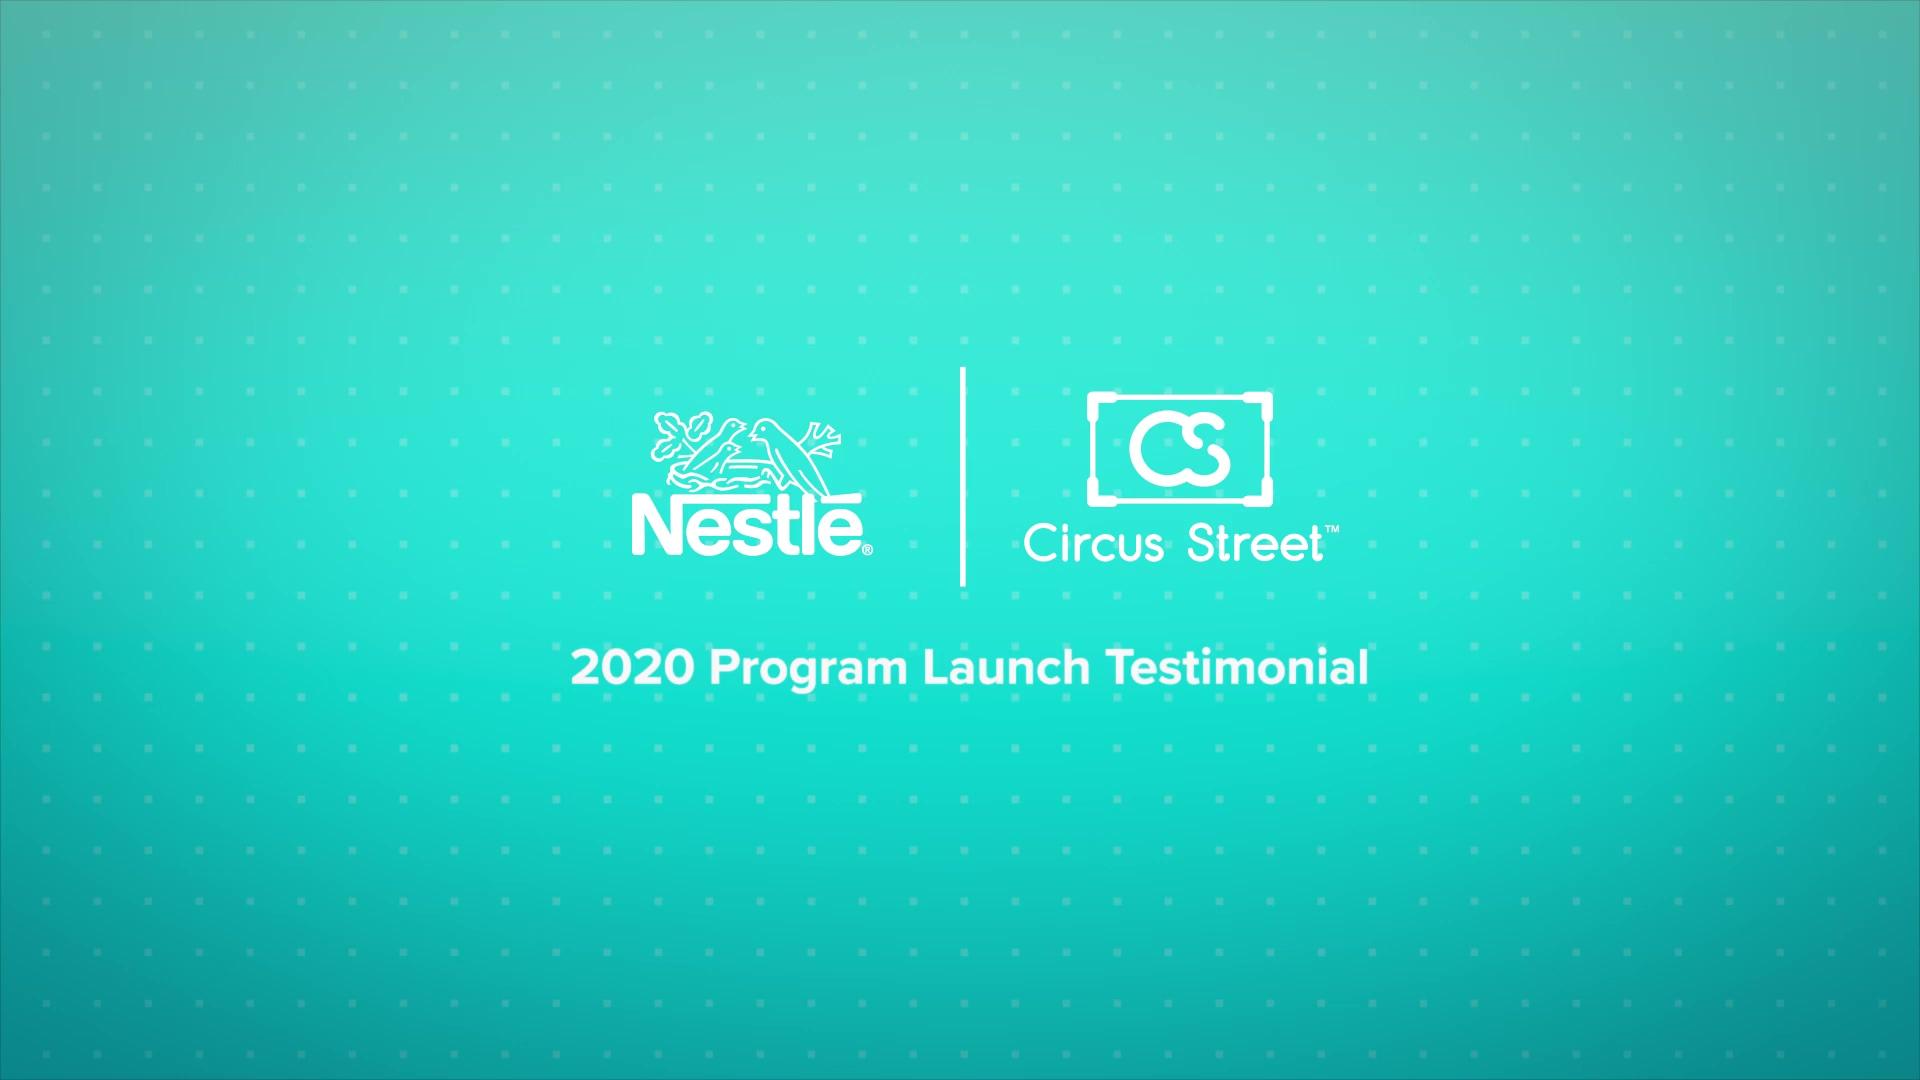 Nestle, Rosane Galvao Program Launch Testimonial 2020